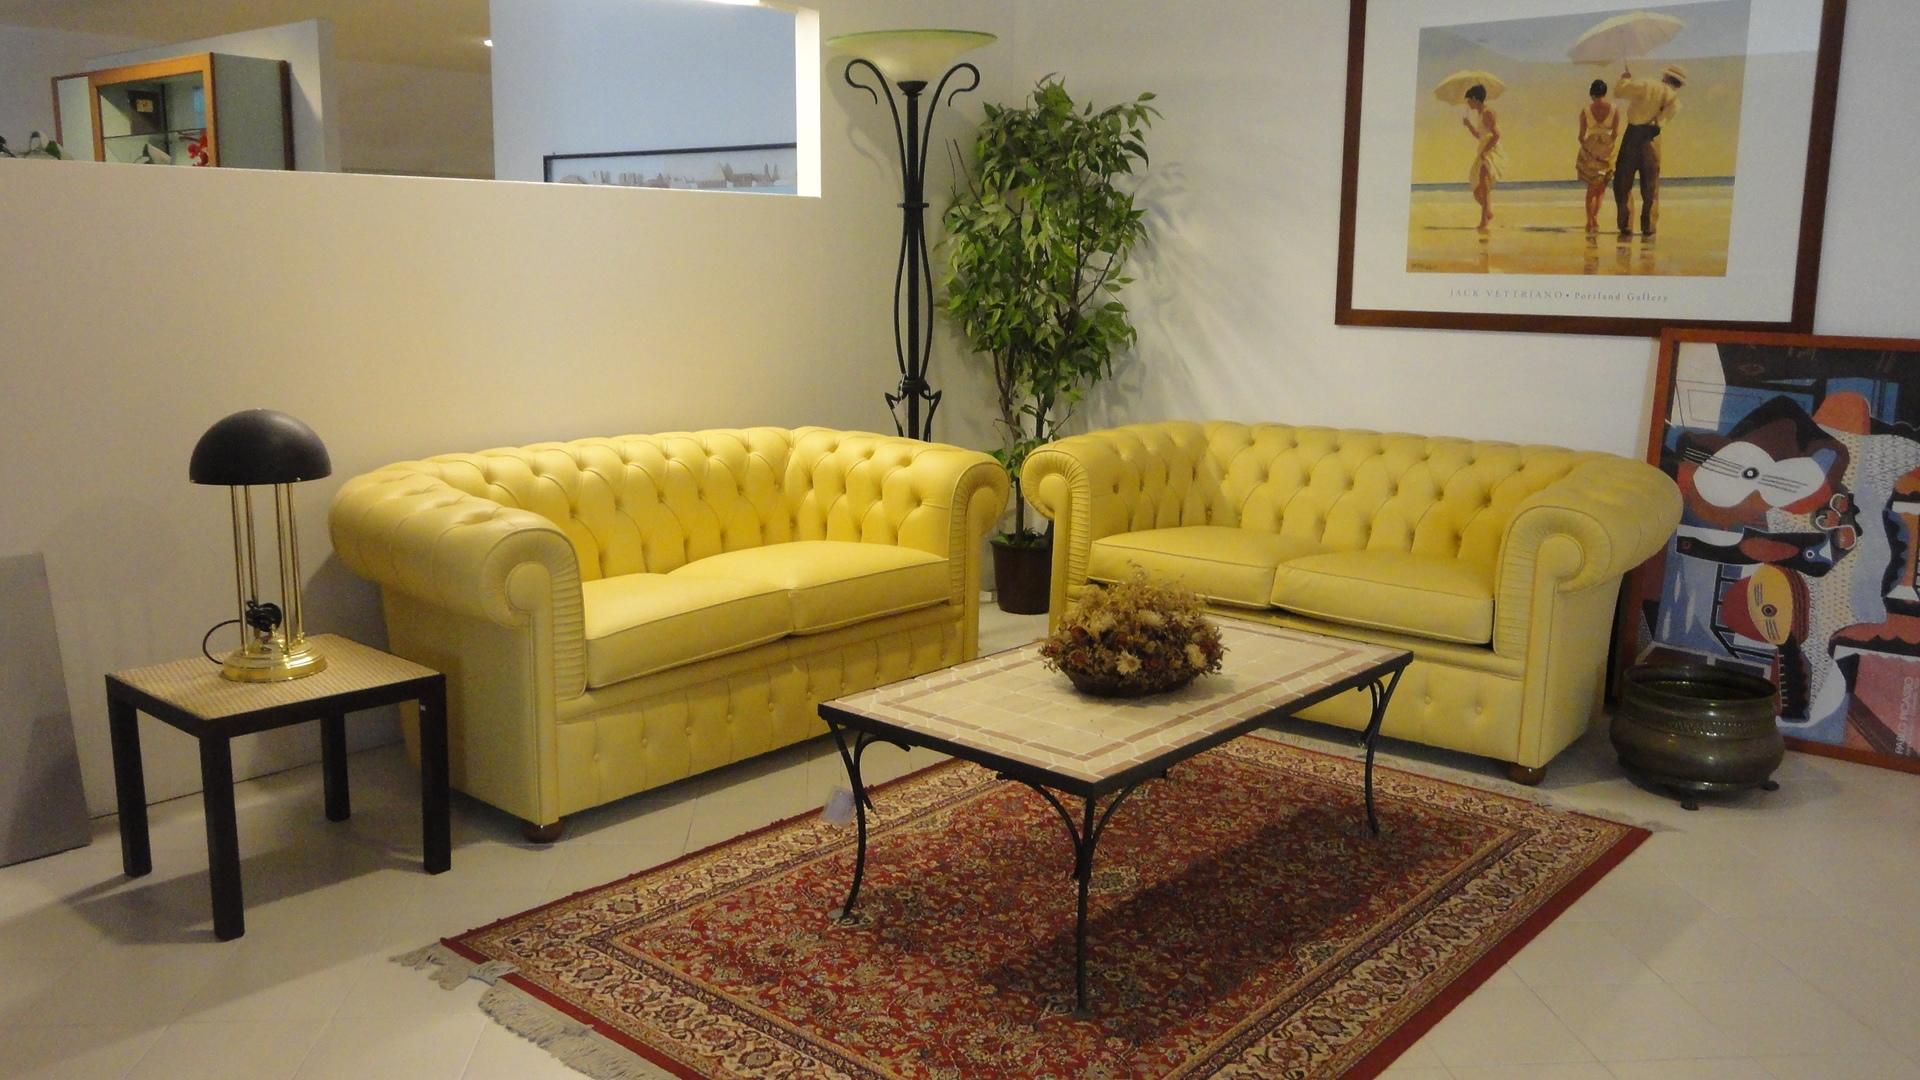 Divani chester scontato del 70 divani a prezzi scontati - Rivestimento divano costo ...